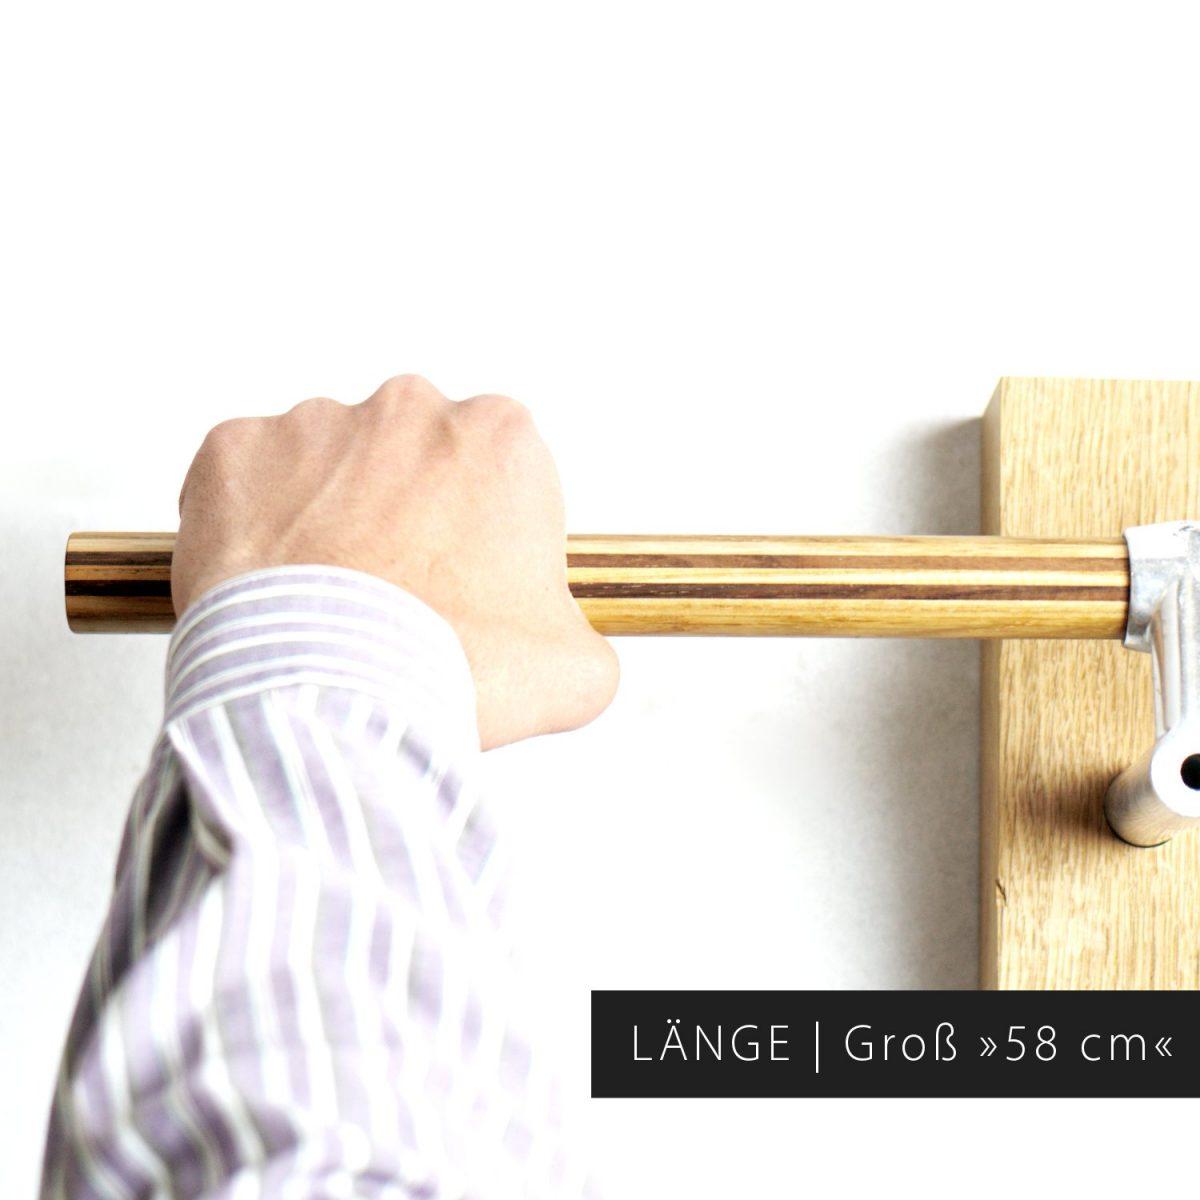 Holzlenker »Konstantin« in größe »Groß 58cm« für dein Fahrrad | Von Art-WooD